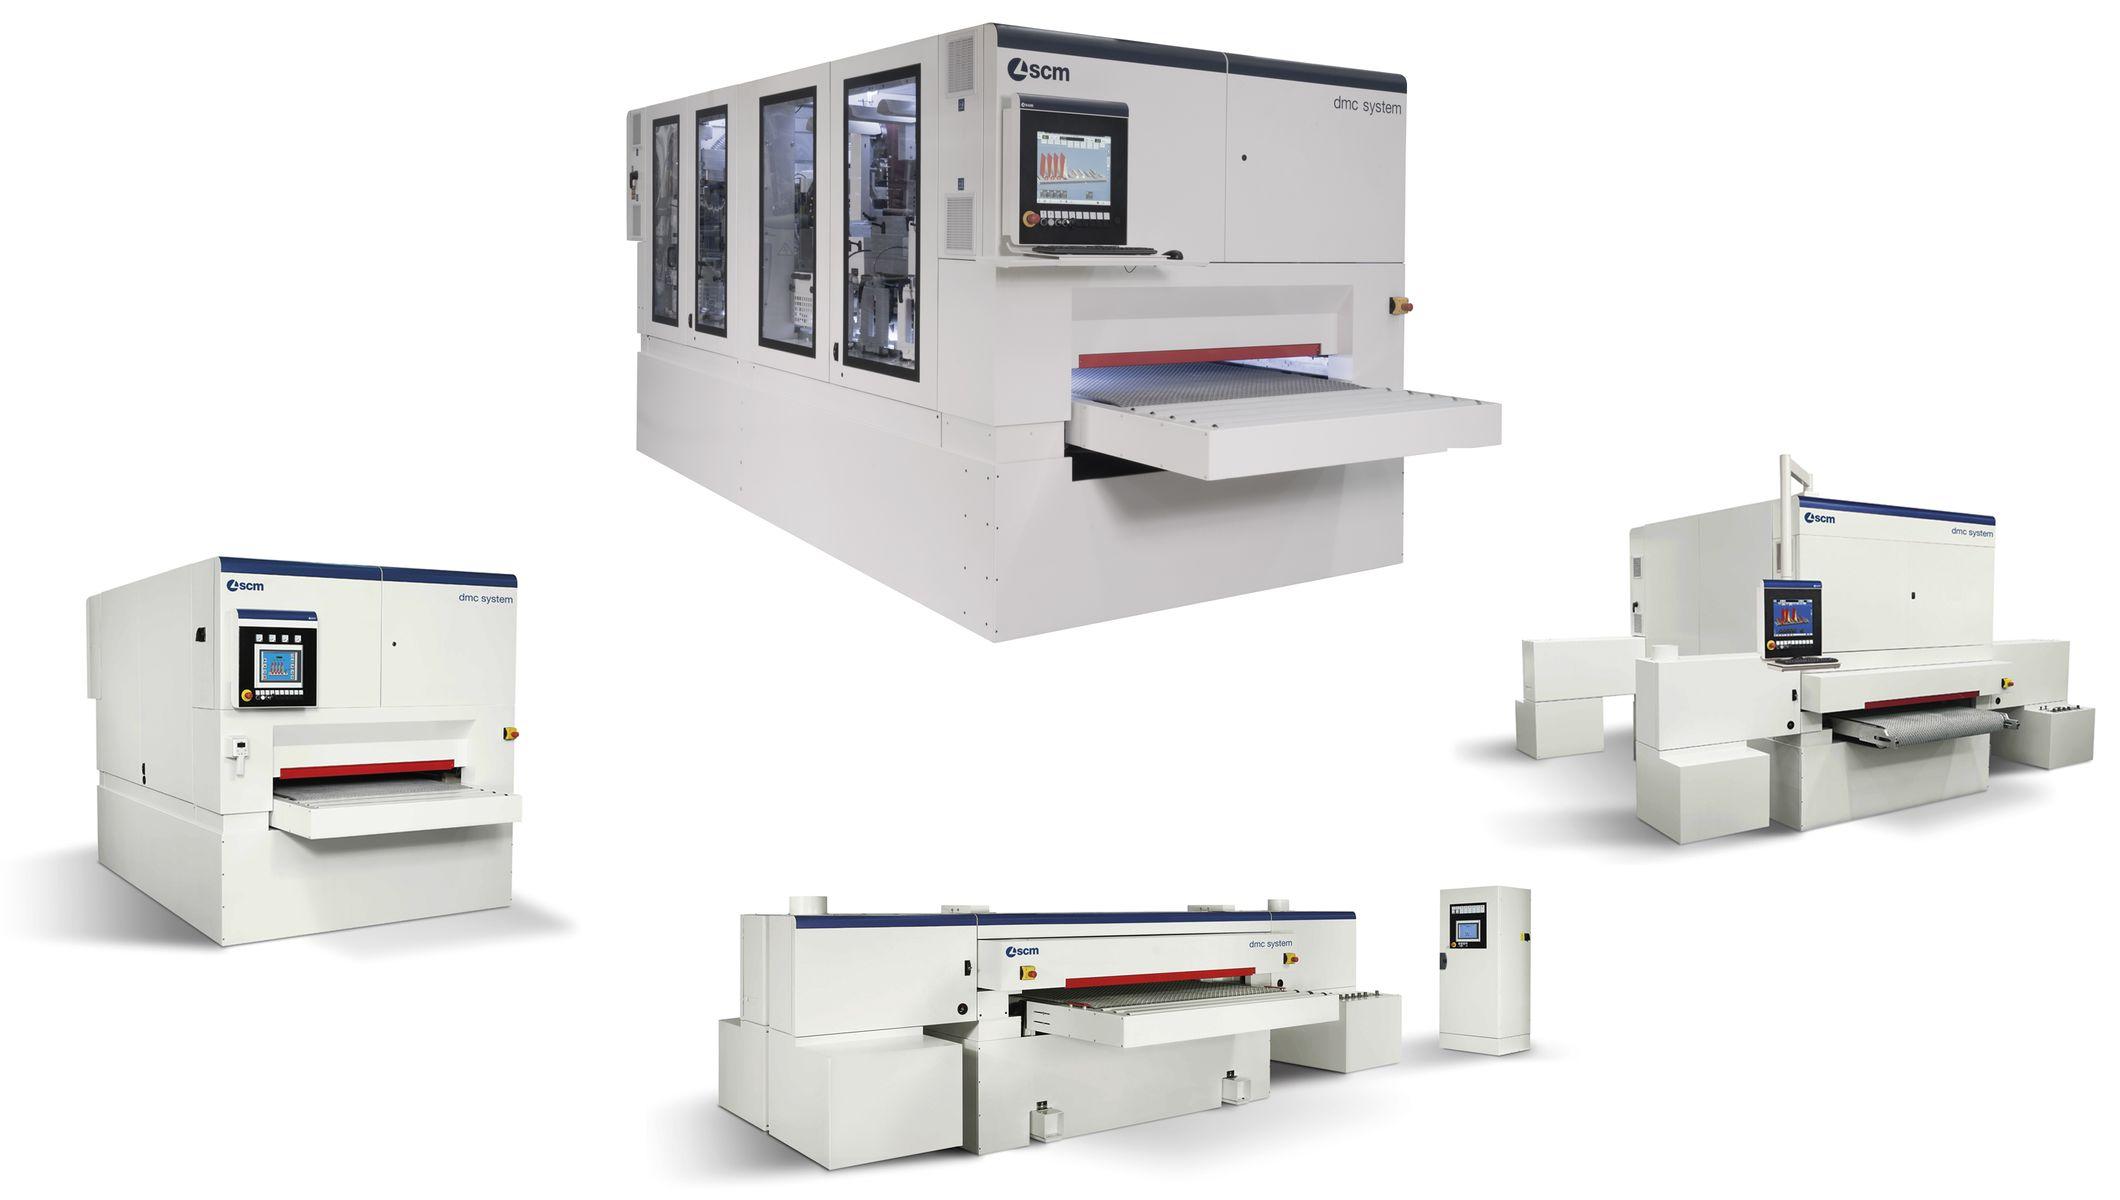 A képen a termék, egy DMC System látható.